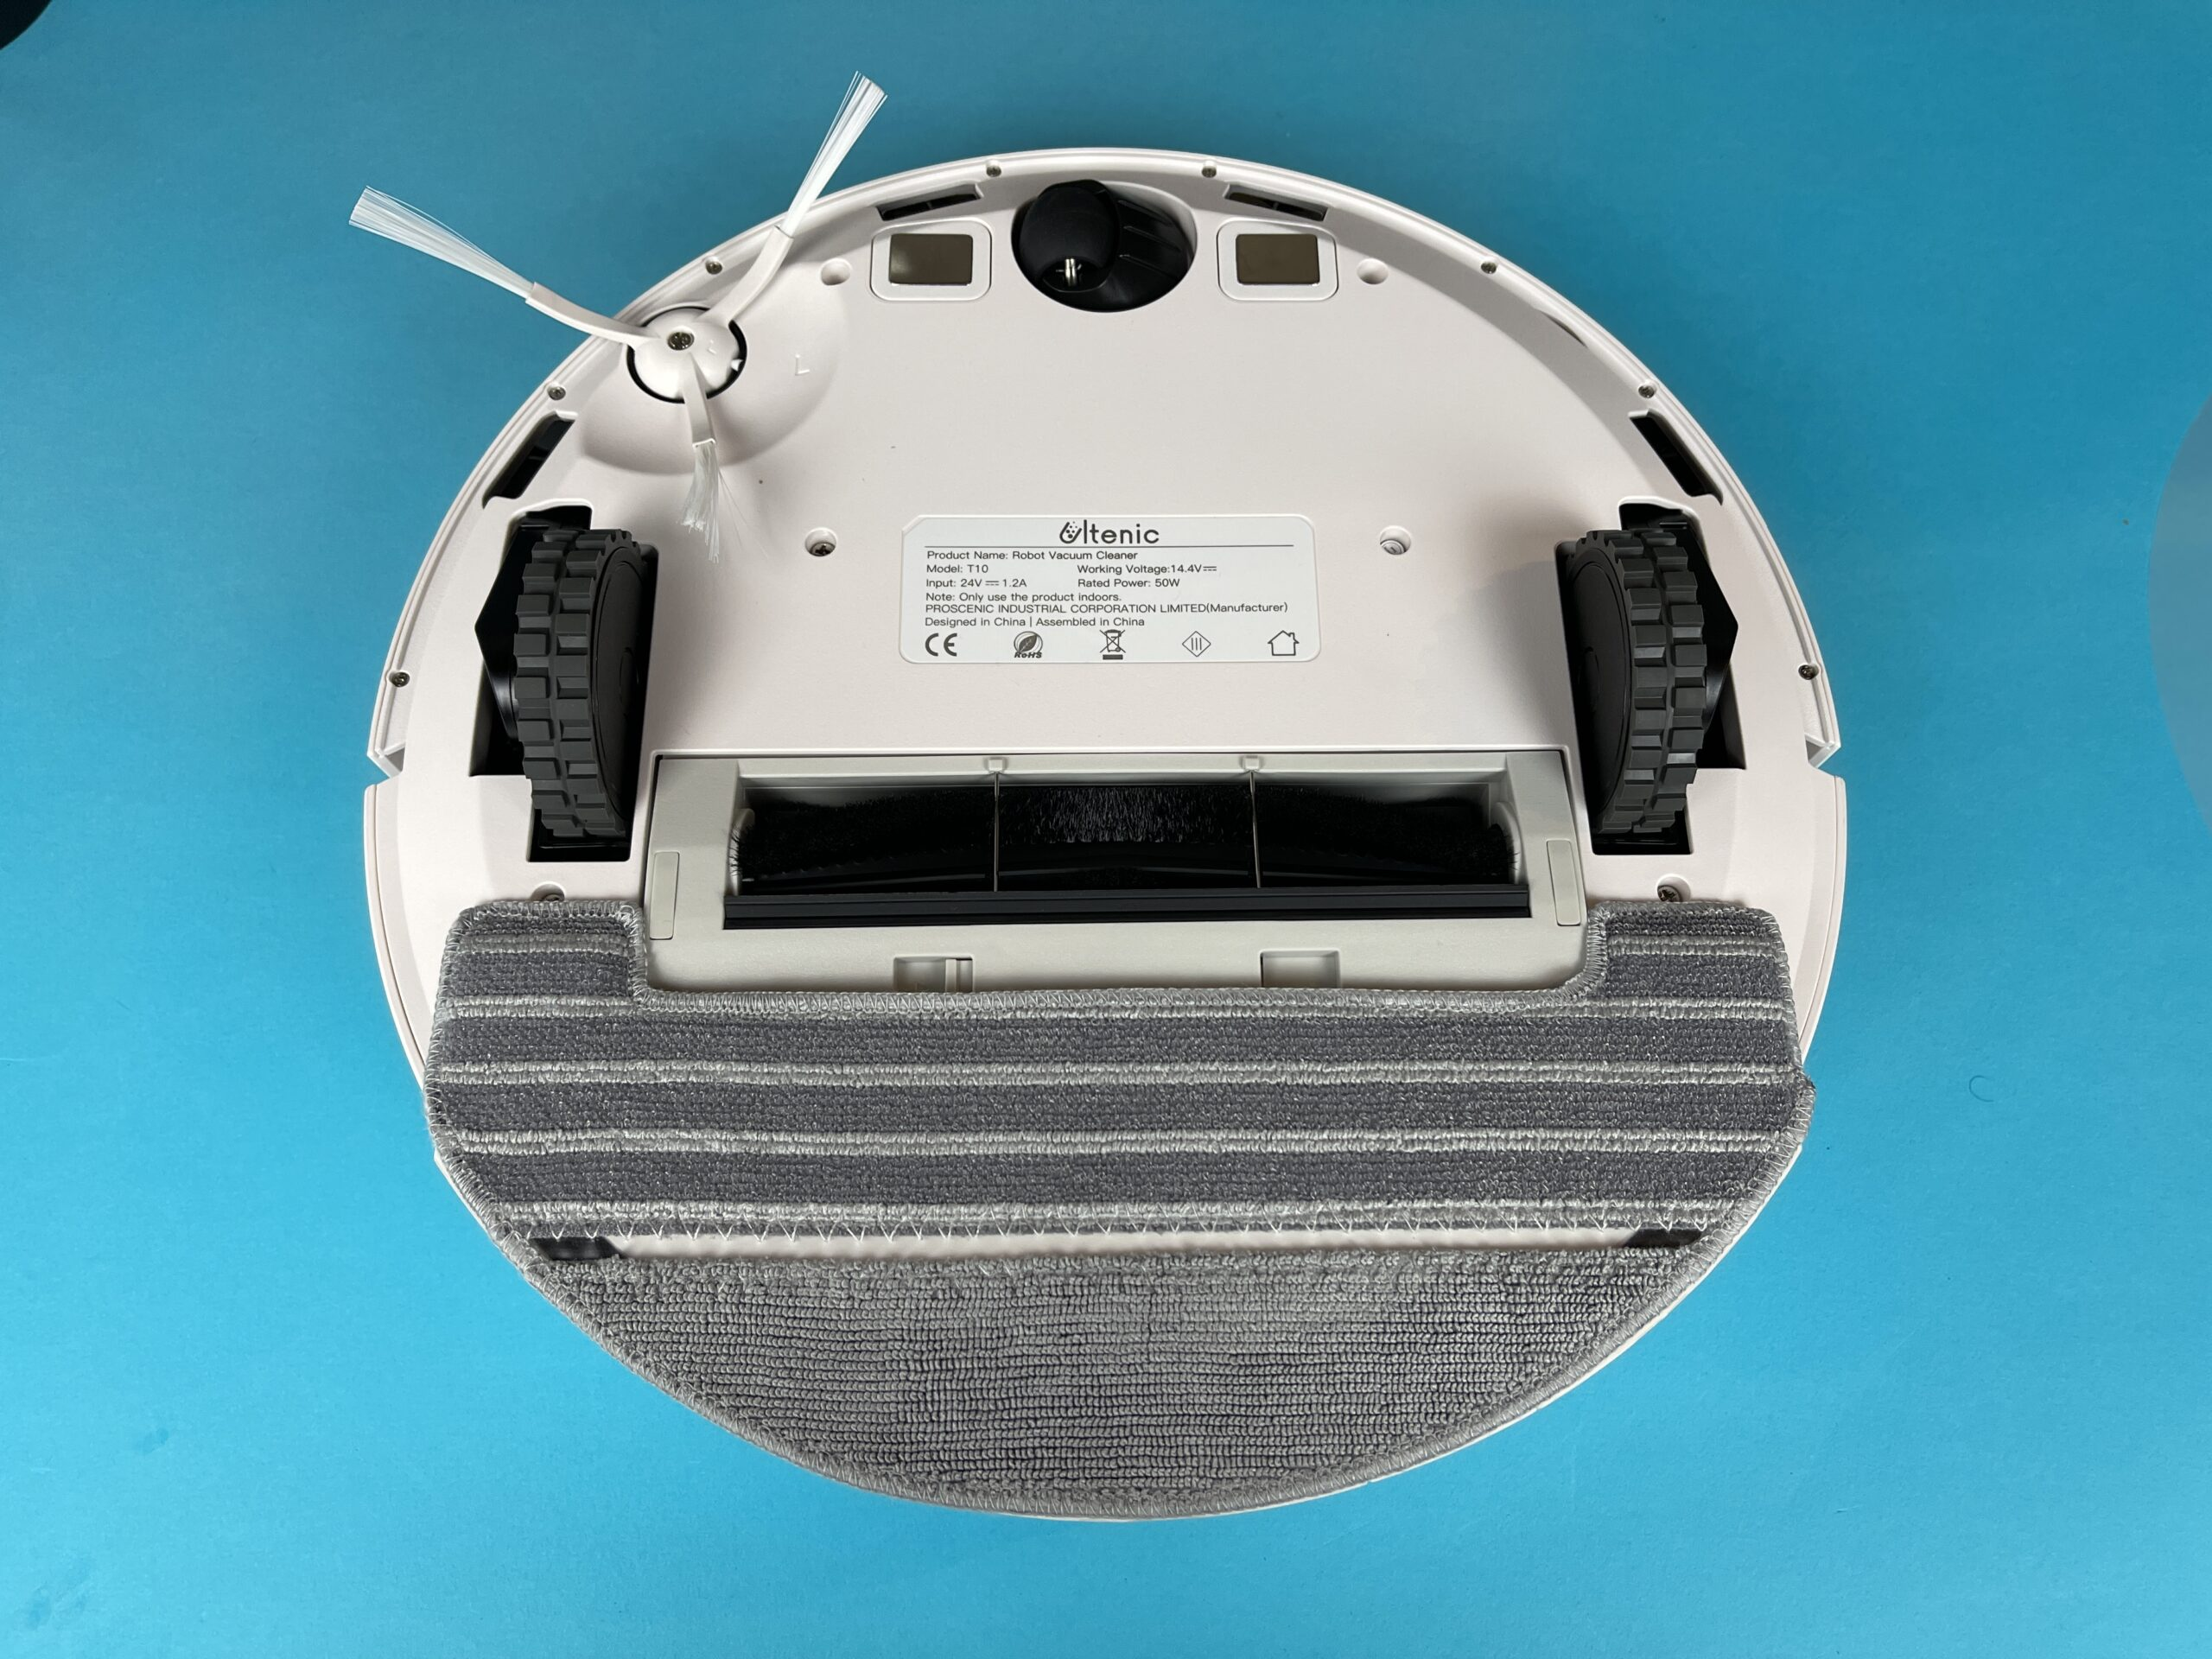 Recensione Ultenic T10 con accessorio lavapavimenti